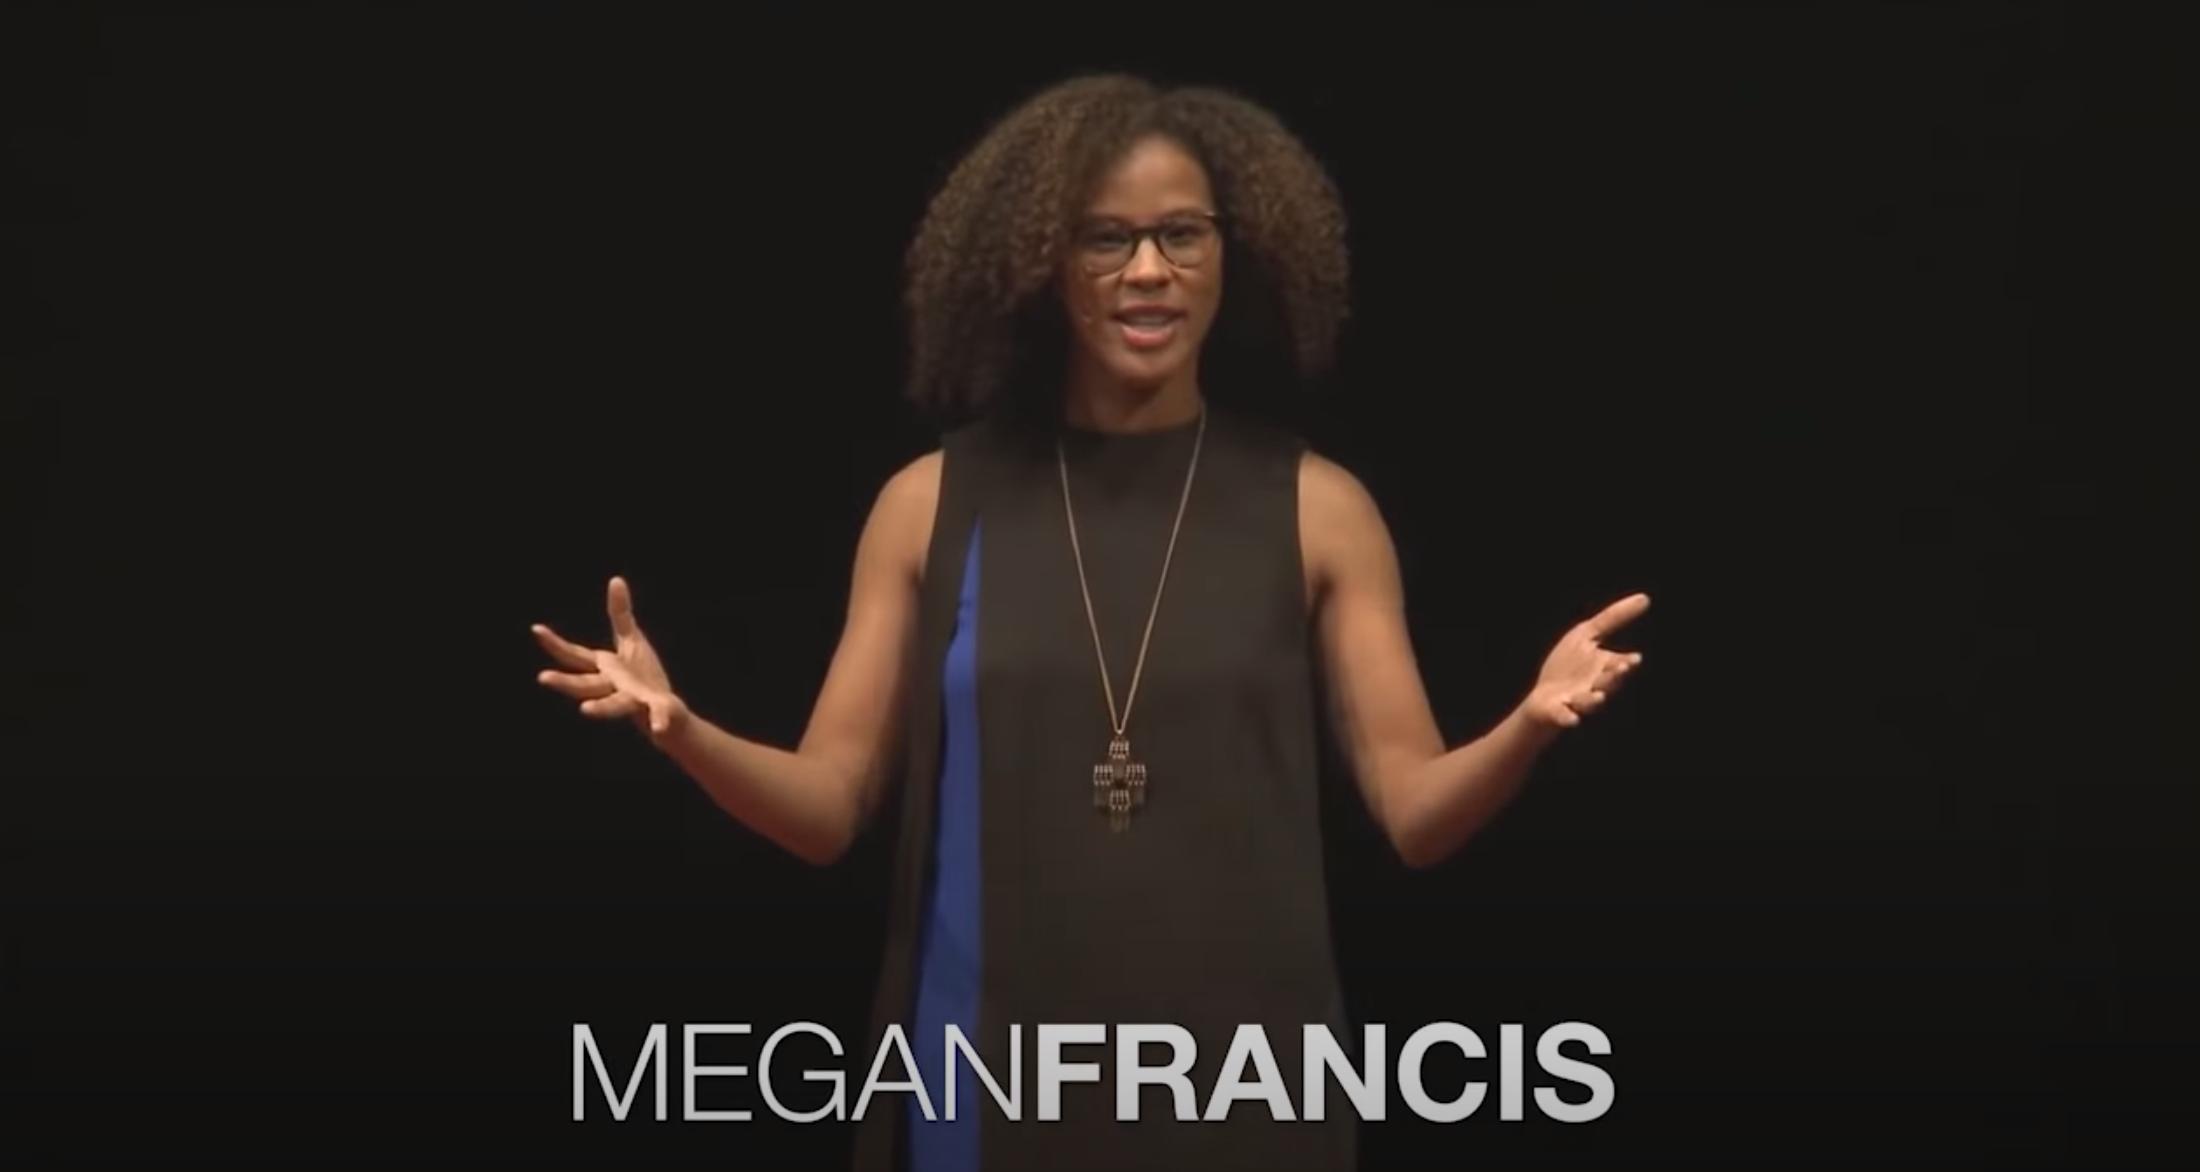 Megan Francis